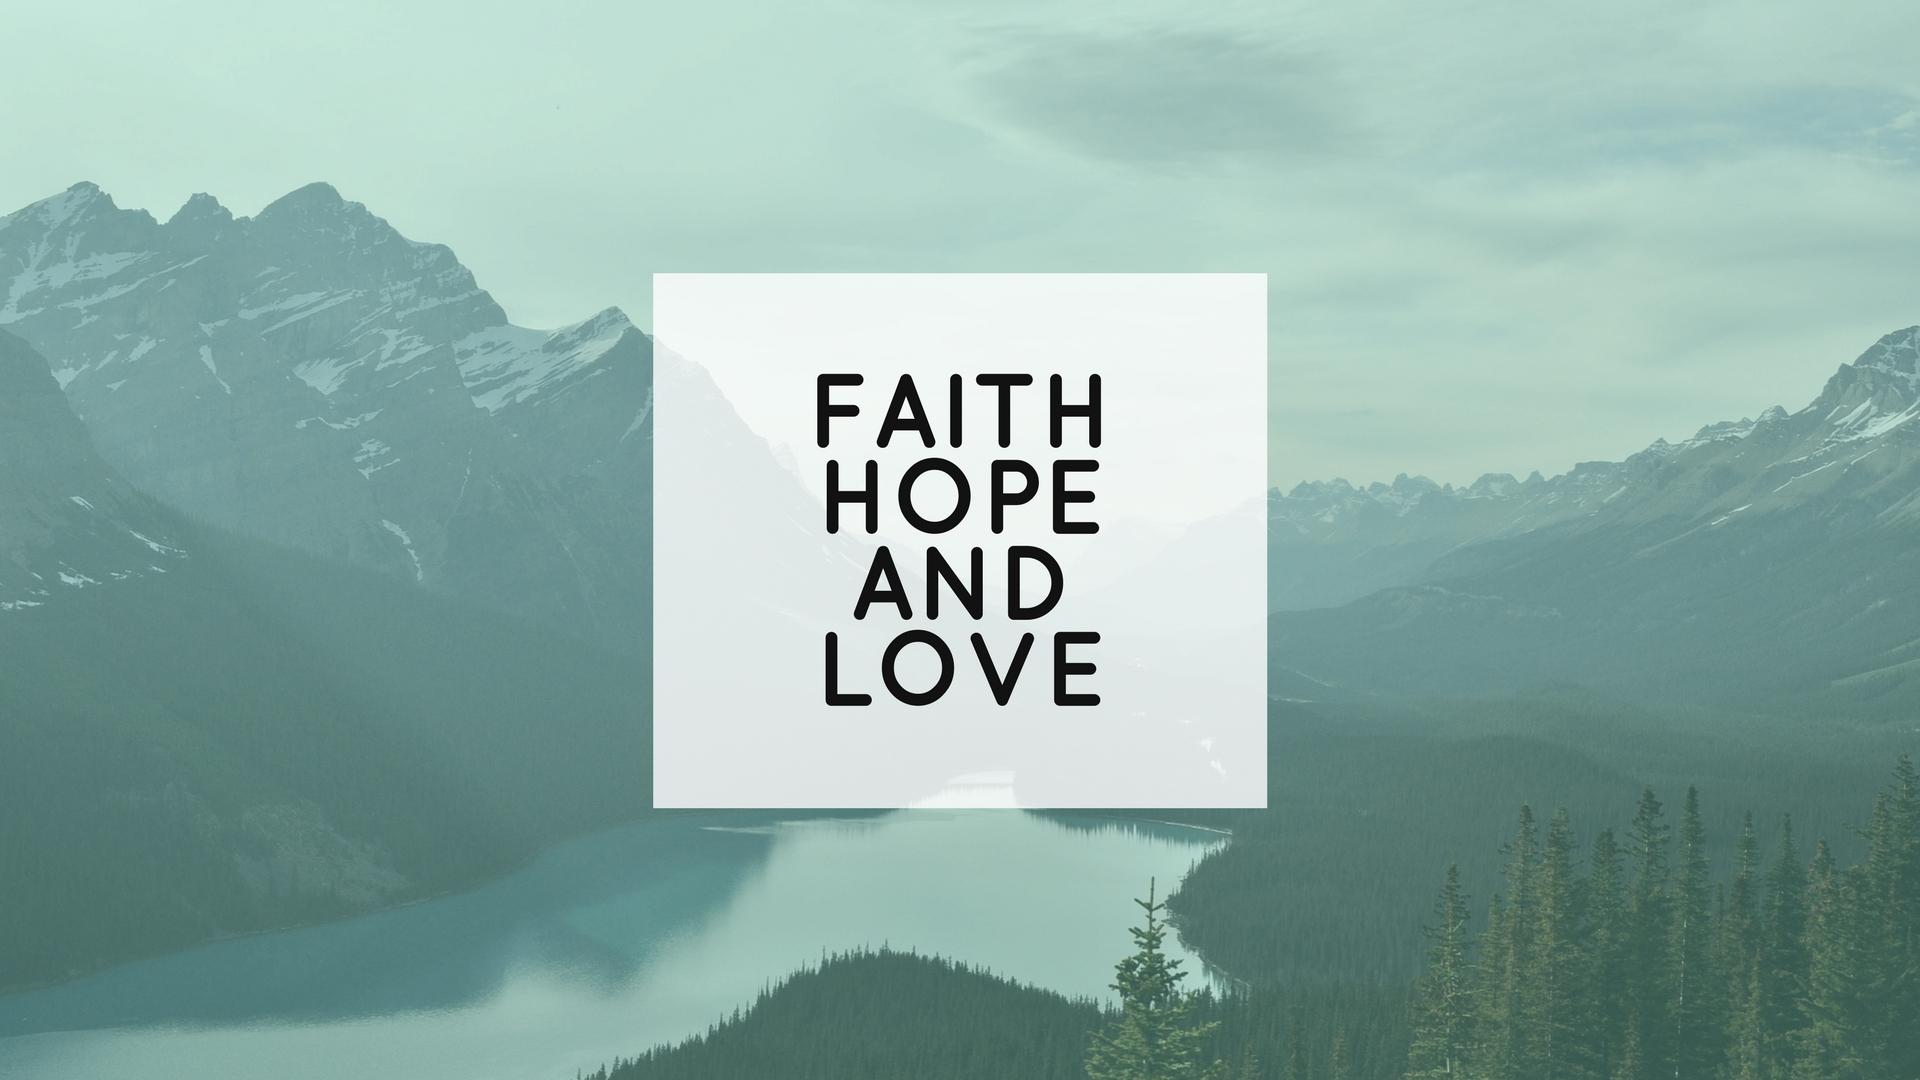 faith hope love desktop wallpaper 63376